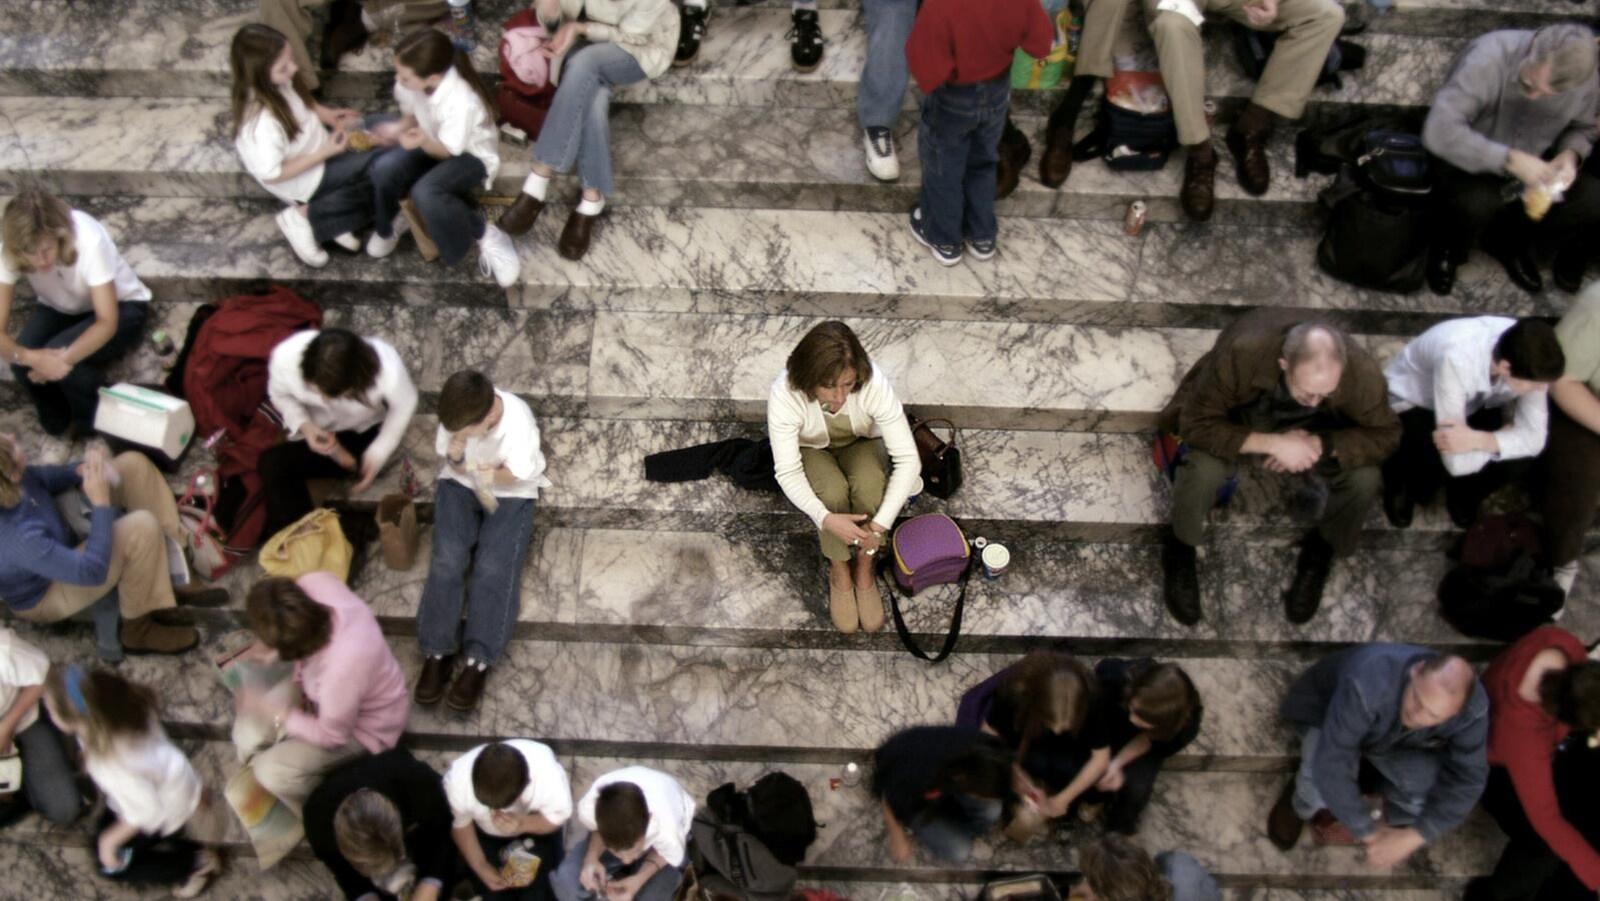 Une femme est assise sur les marches d'un escalier. Elle est entourée d'une foule.